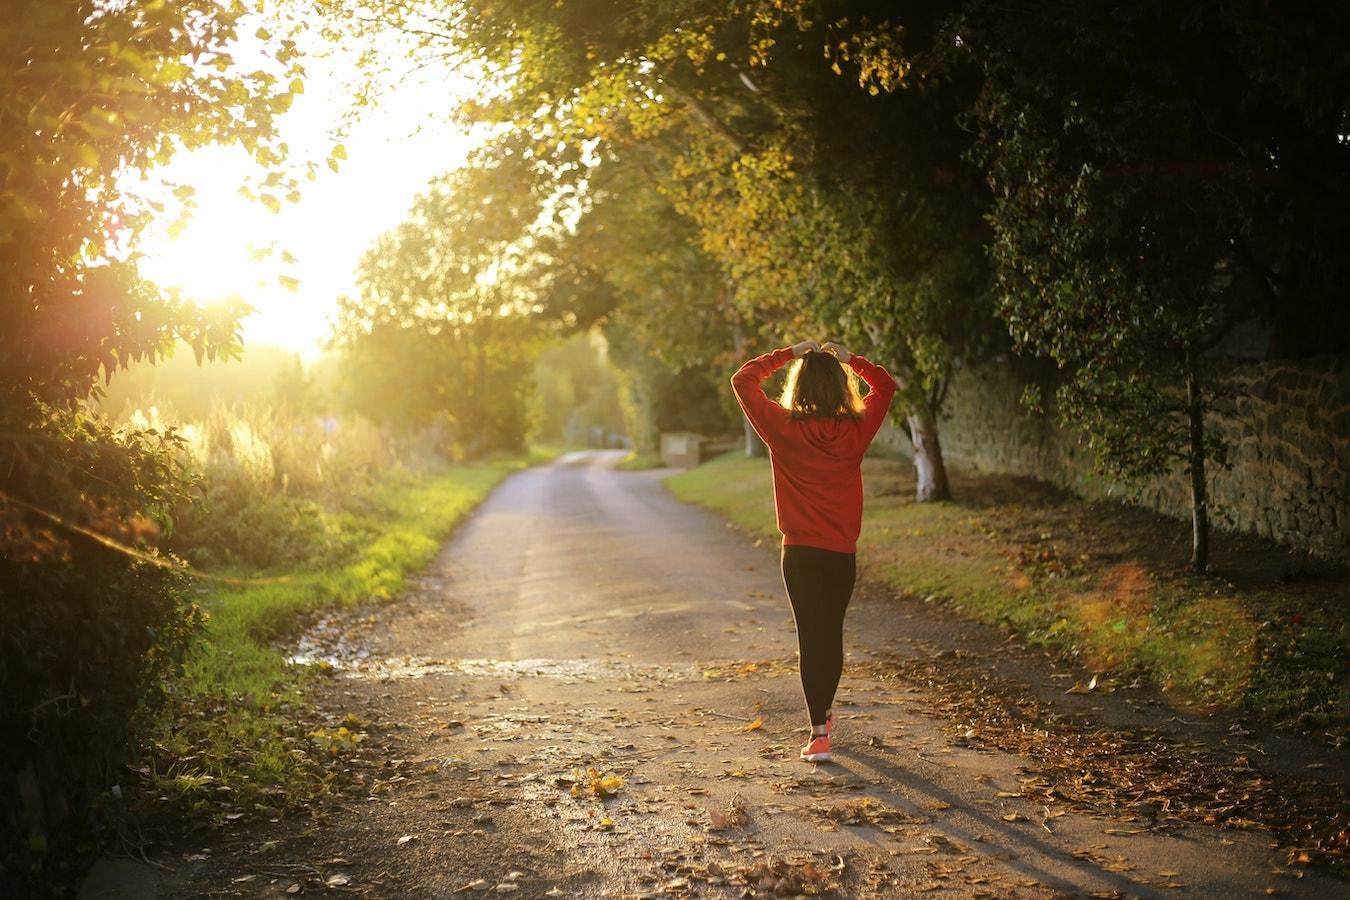 junge Frau läuft durch den Walt und sorgt für Bewegung um Selbstheilungskräfte zu aktivieren